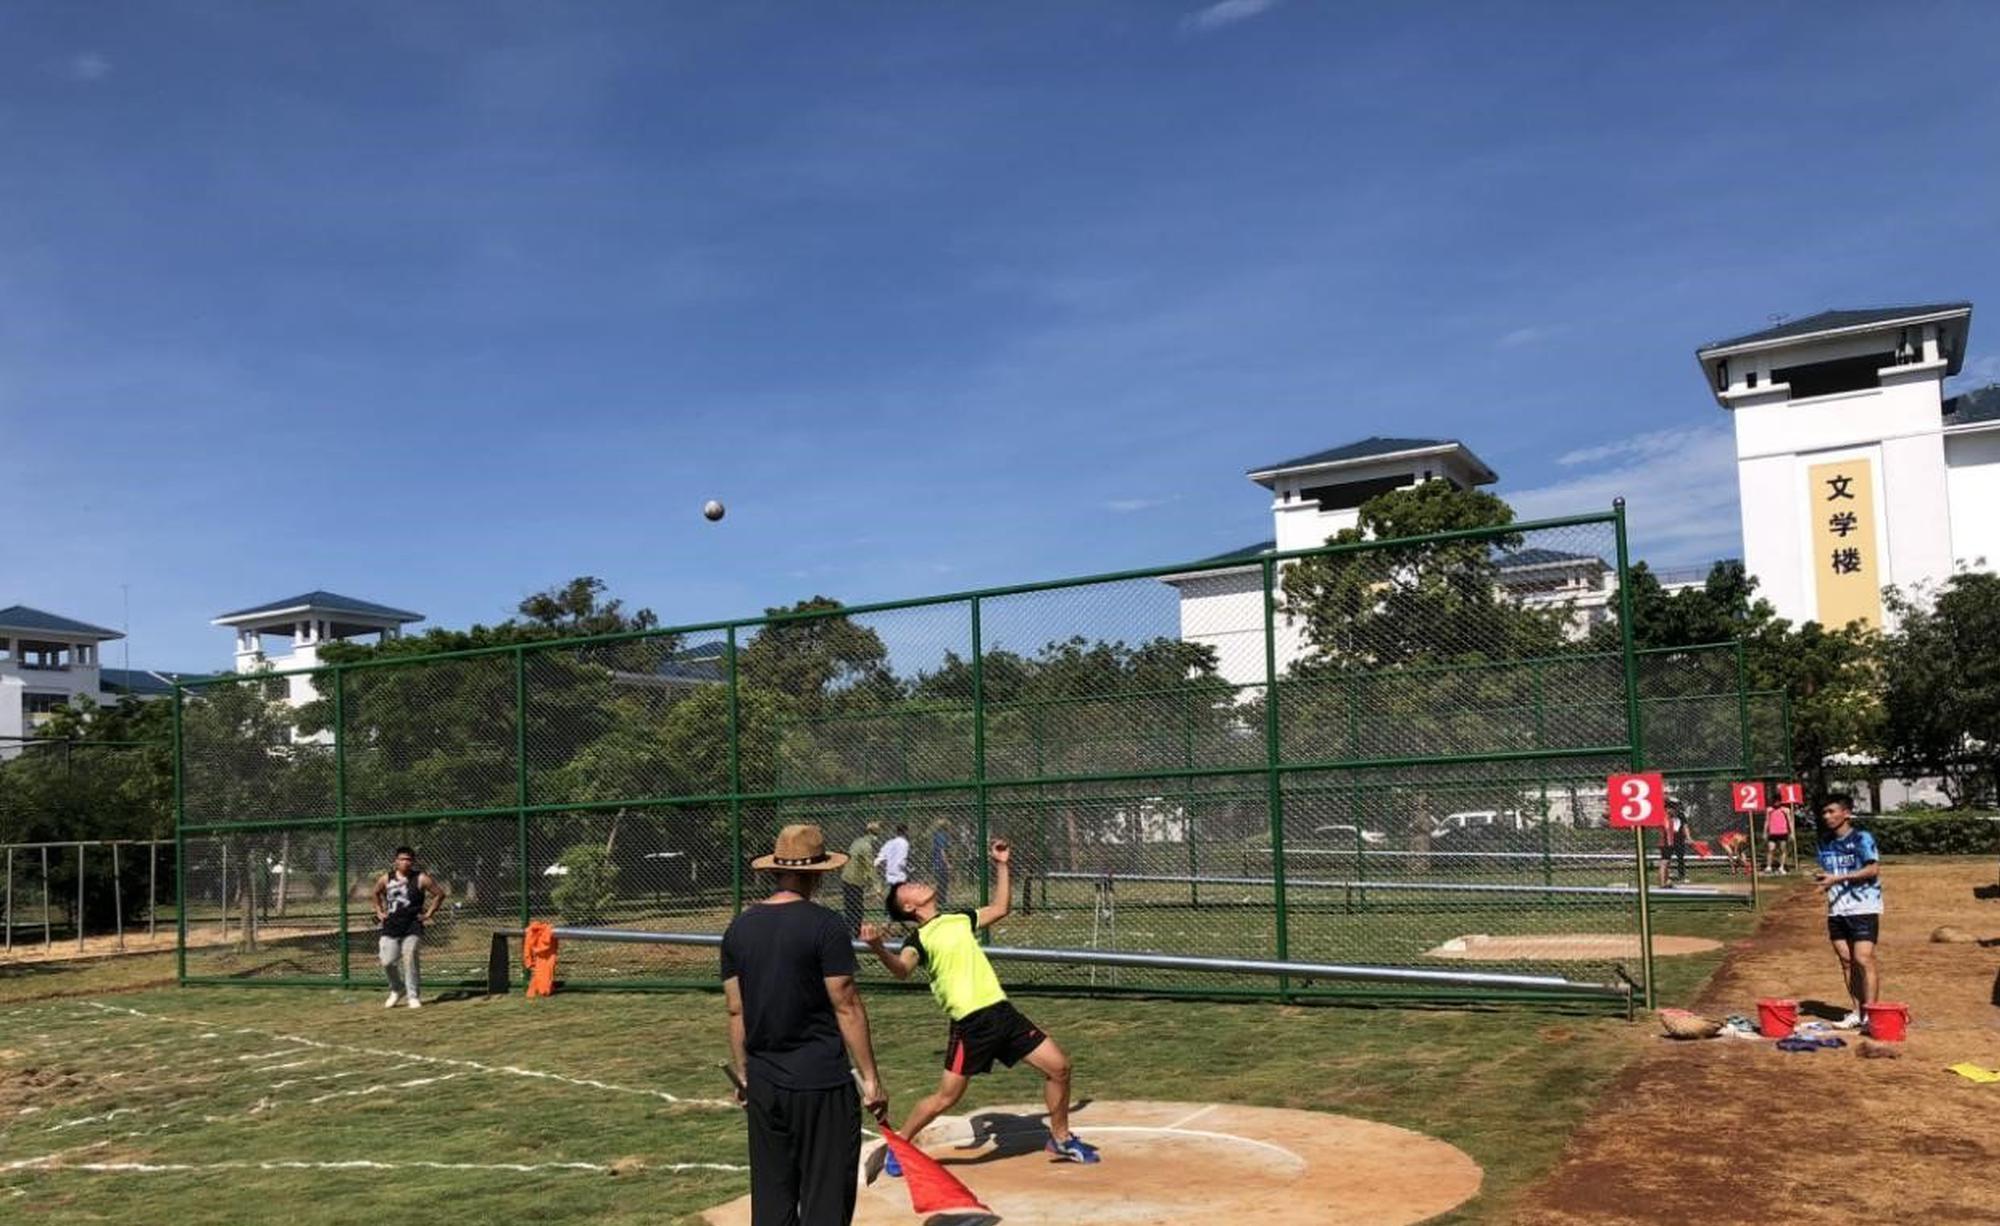 海南体育单招文化考试4月17日起举行,考试地点在